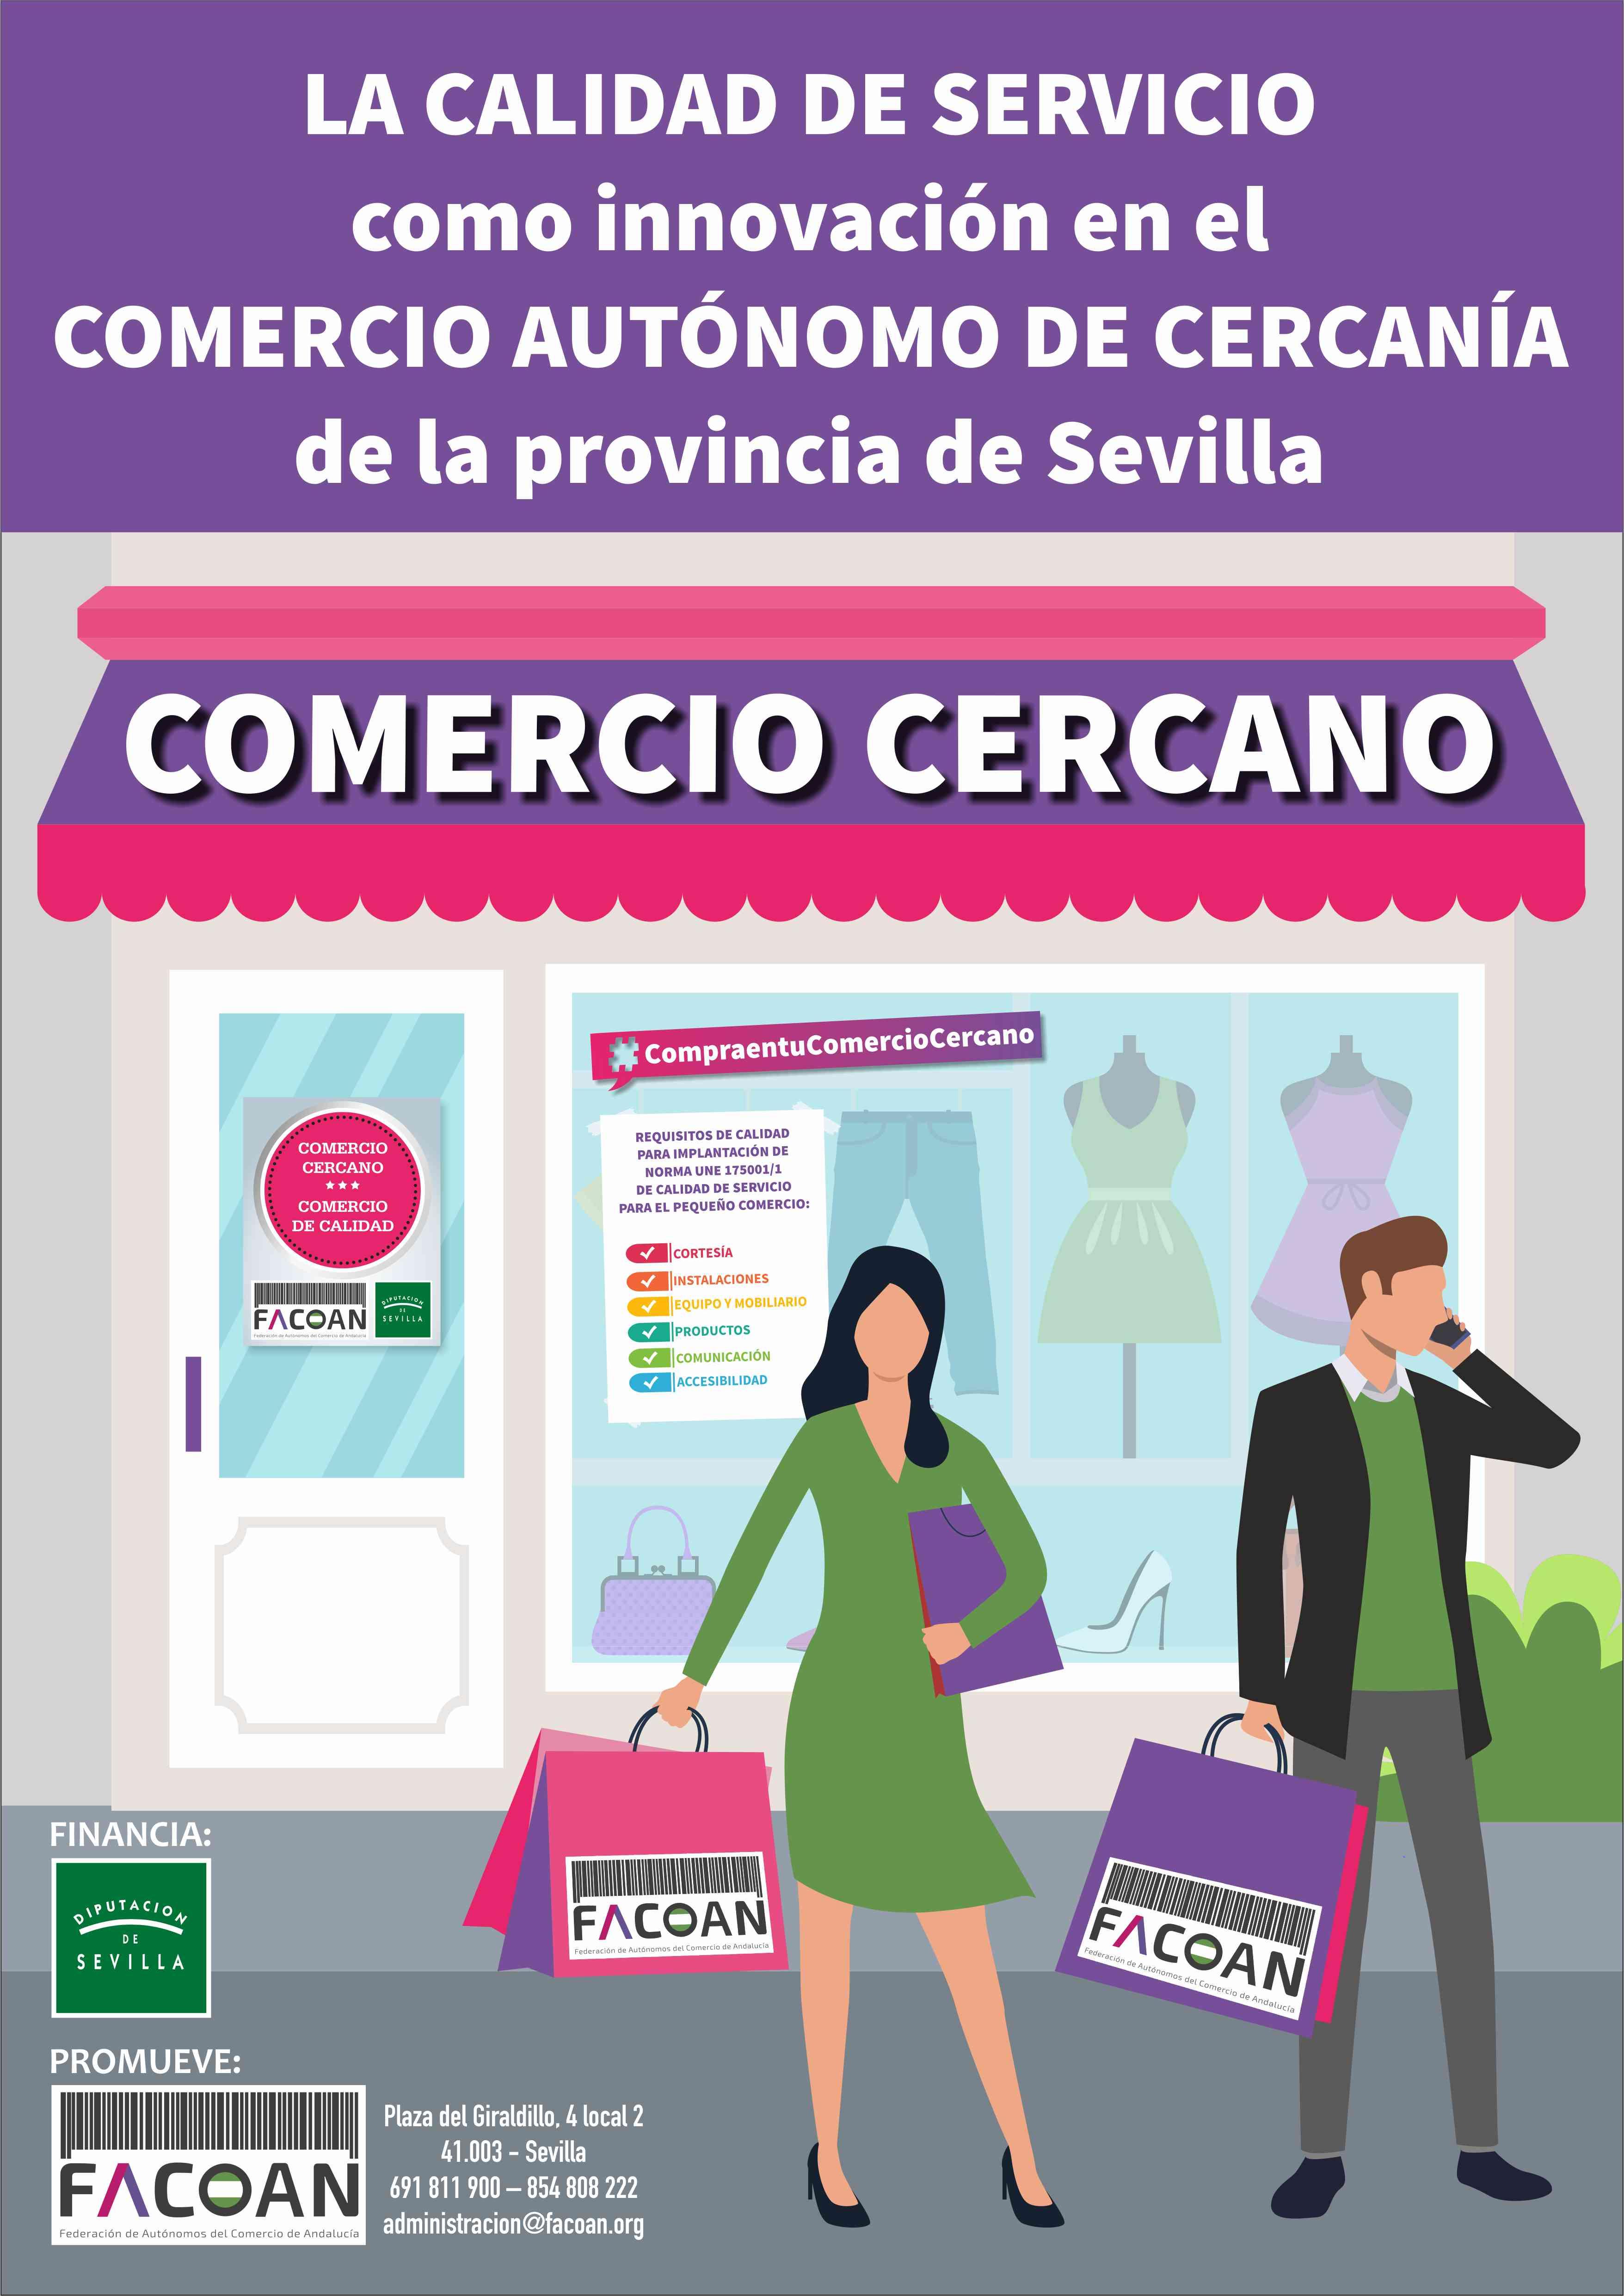 Campaña sensibilización FOCOAN (2)